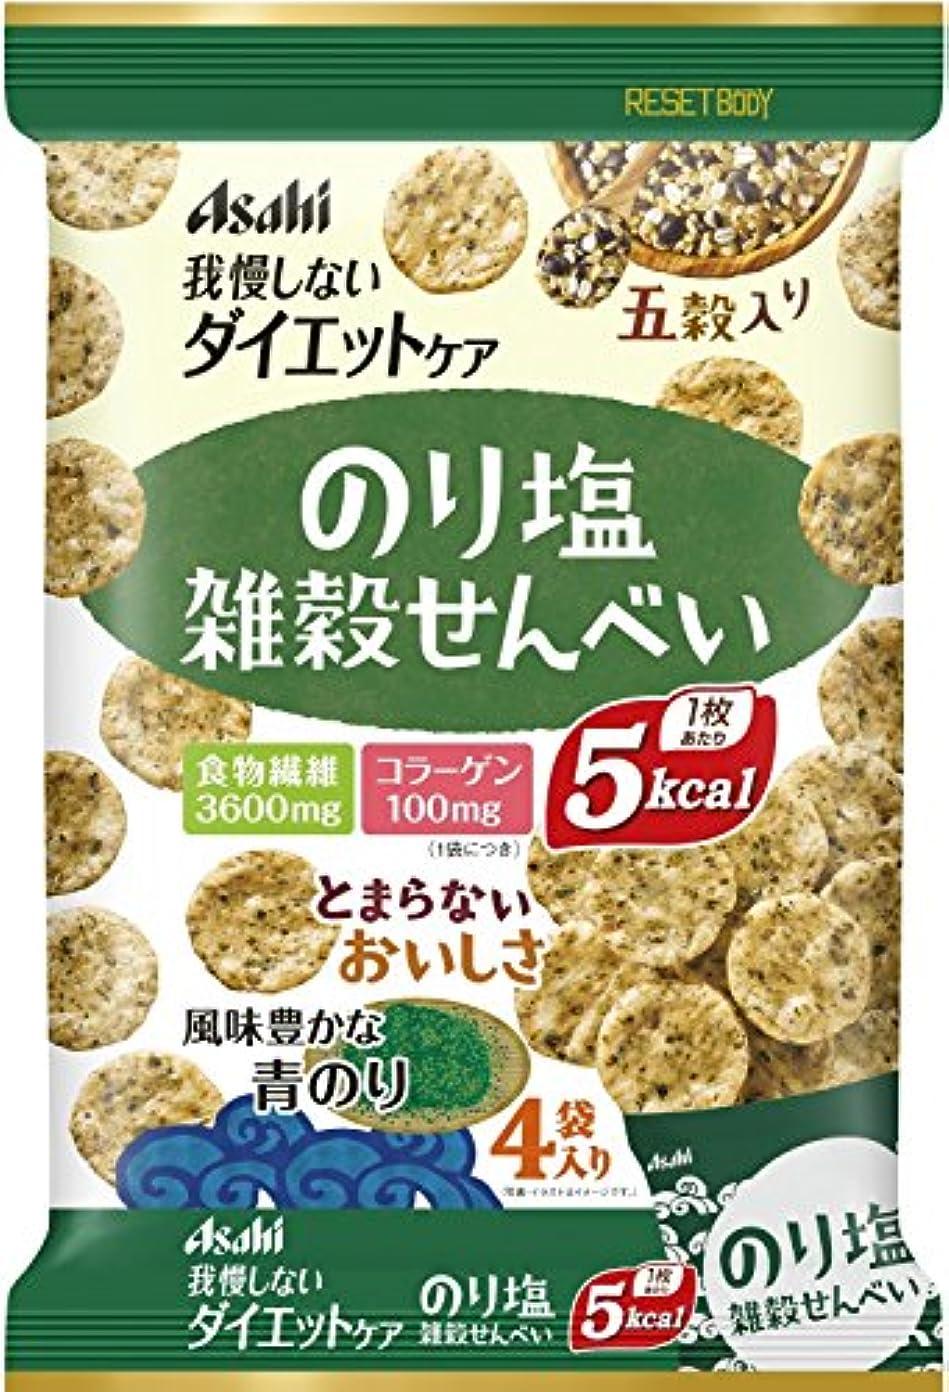 ブランチスチールおしゃれなリセットボディ 雑穀せんべい のり塩味 88g(22g×4袋)